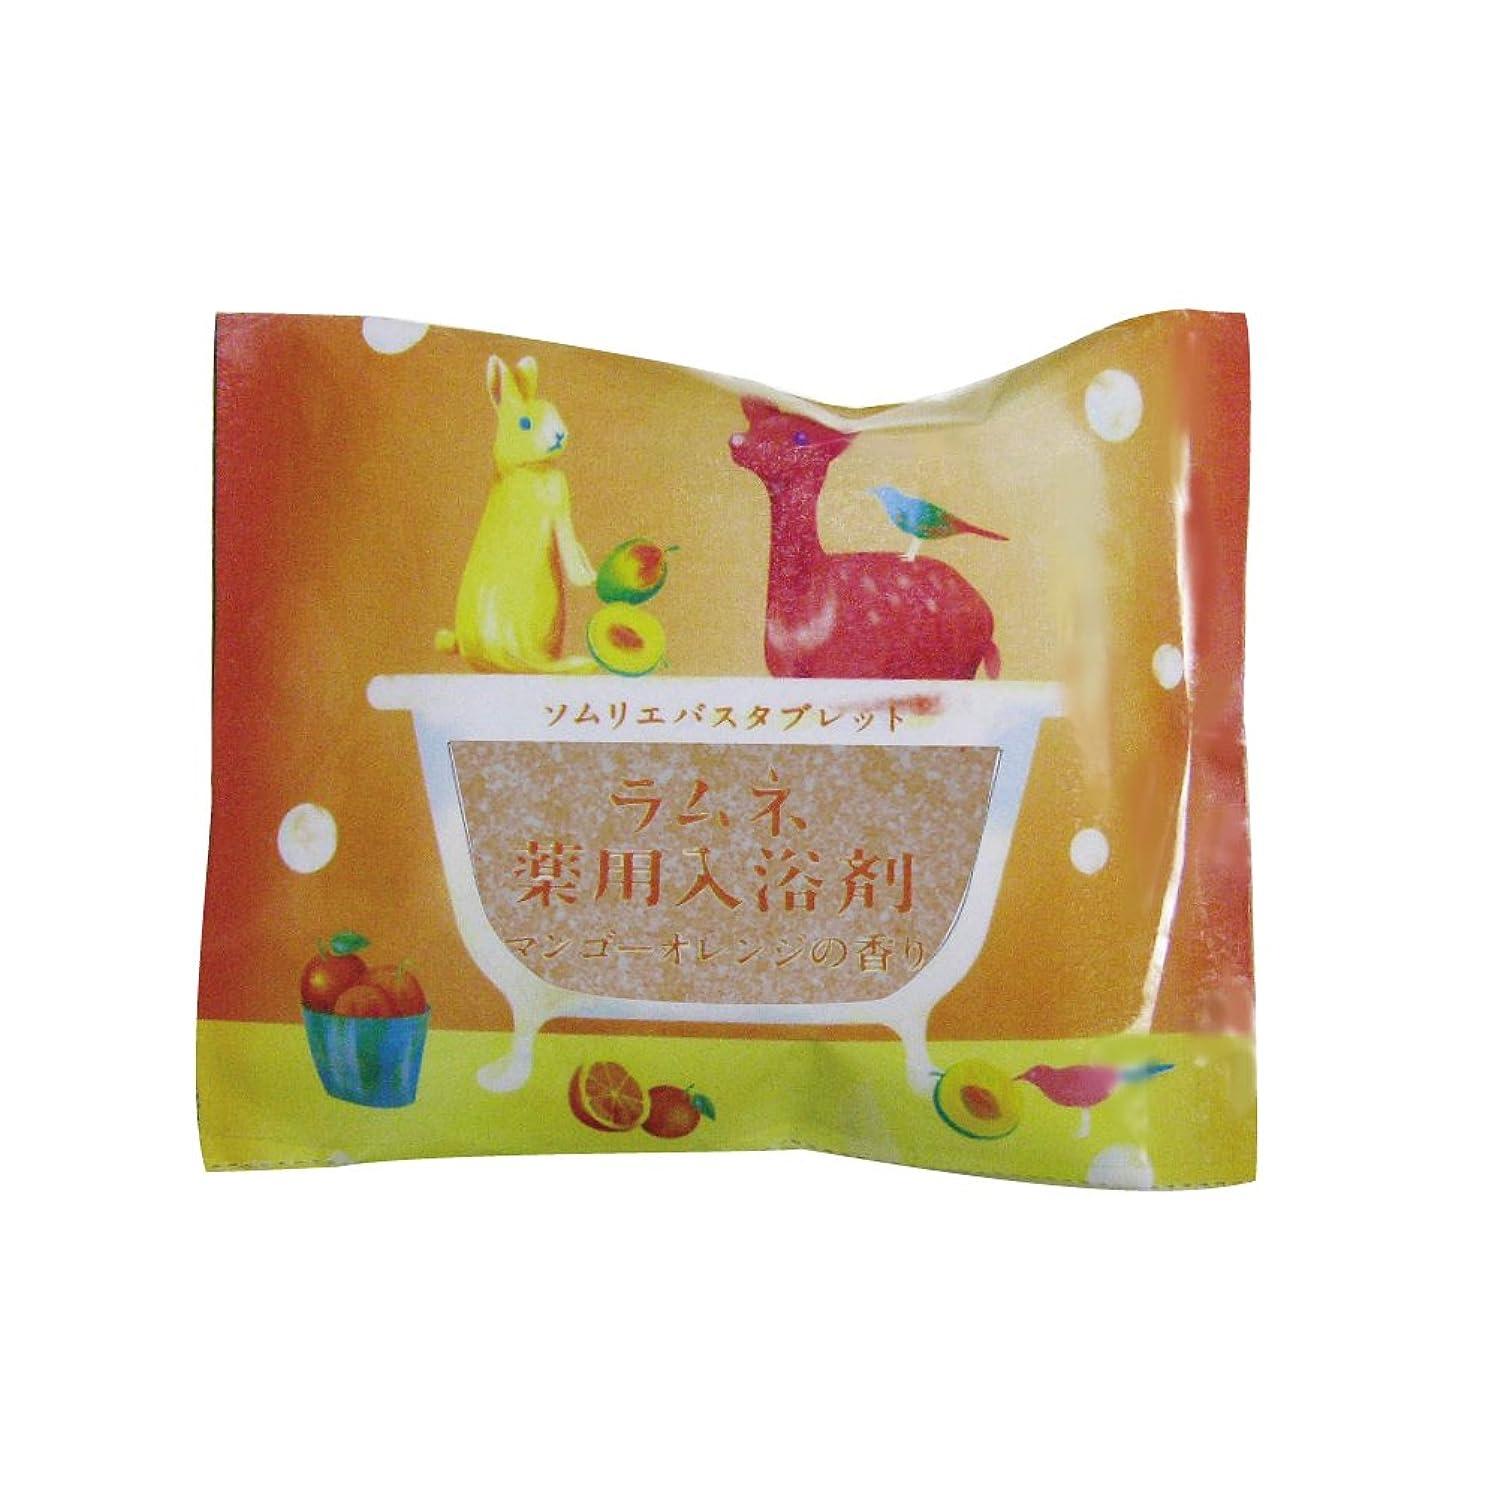 無心規模ボトルネックソムリエバスタブレット ラムネ薬用入浴剤 マンゴーオレンジの香り 12個セット